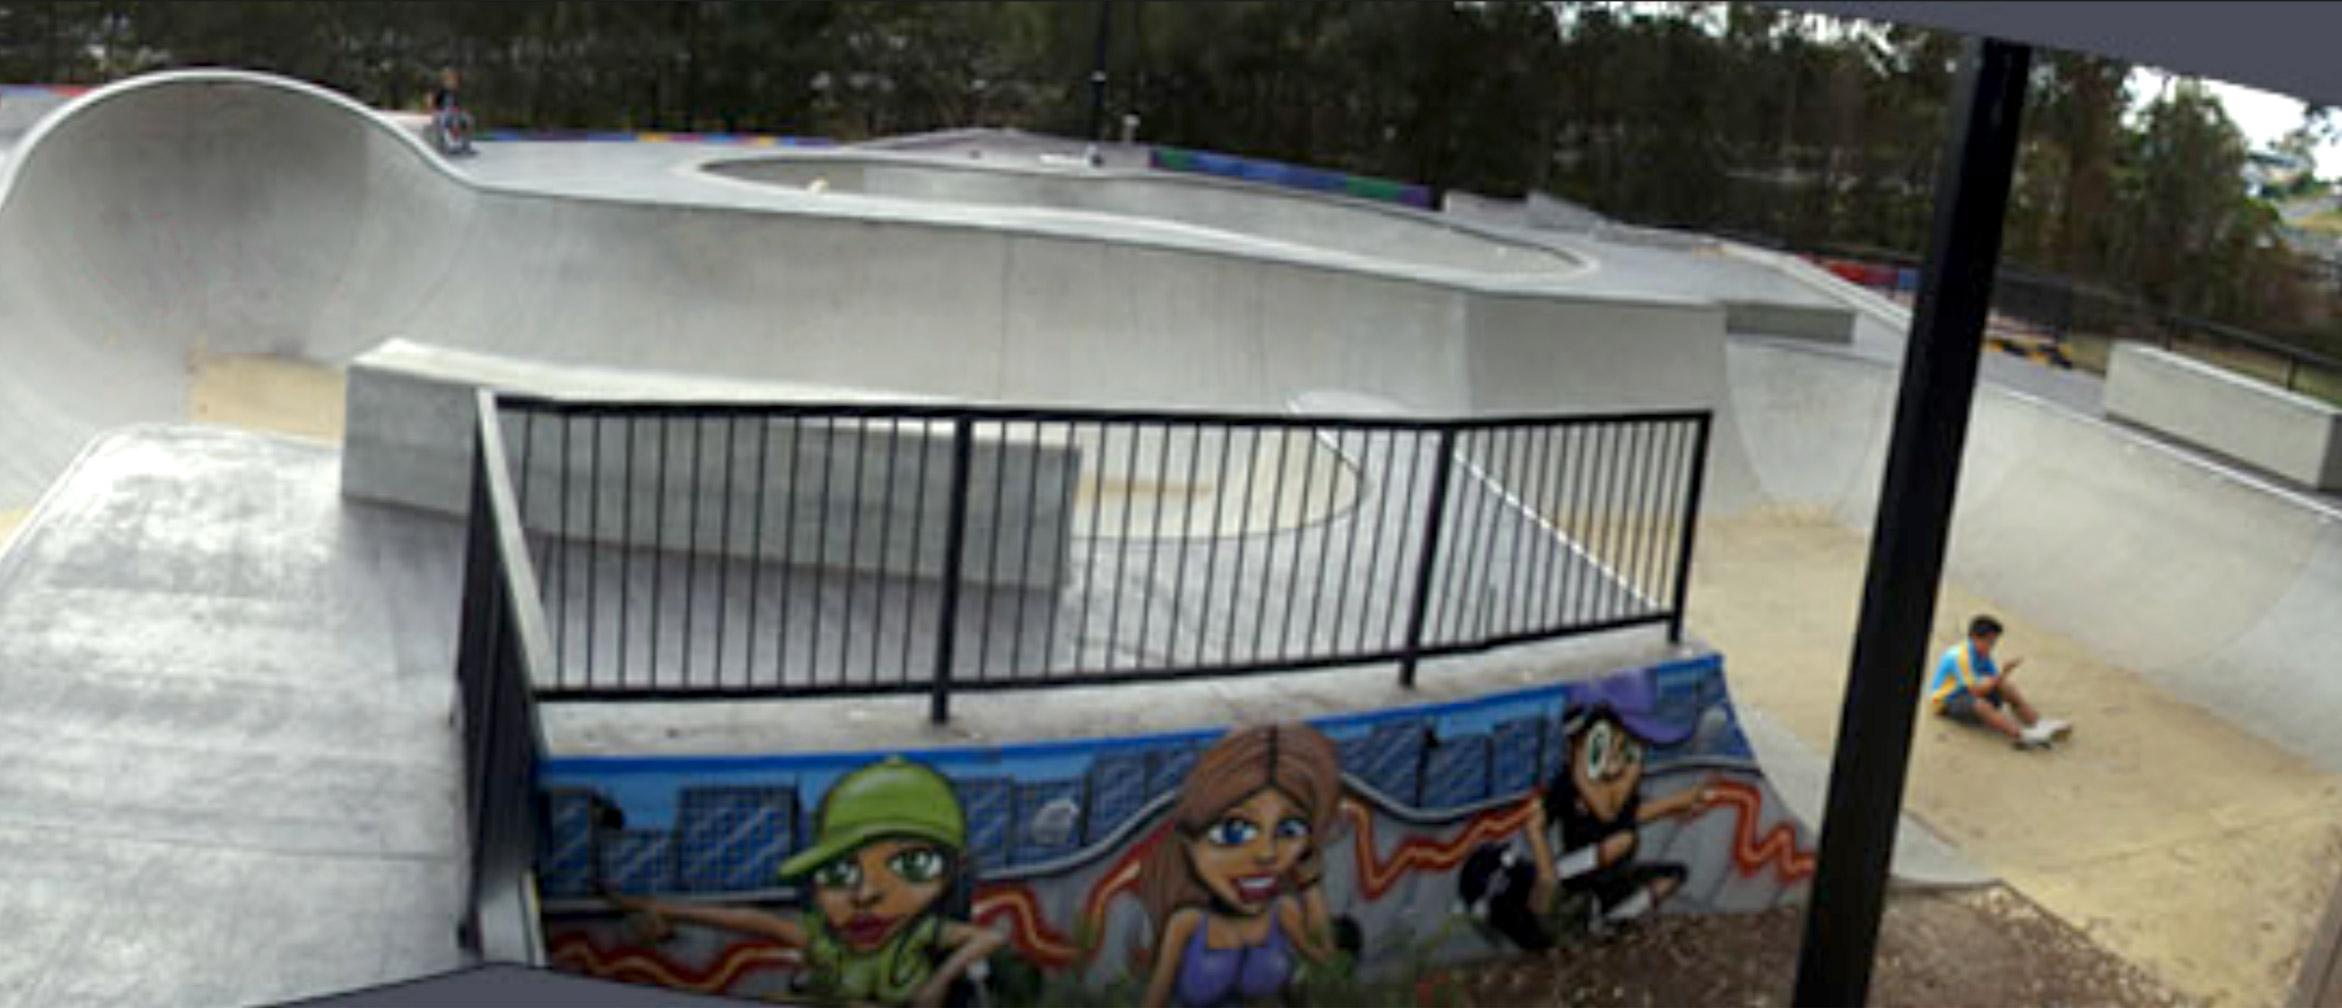 Nerang skate park bowl section